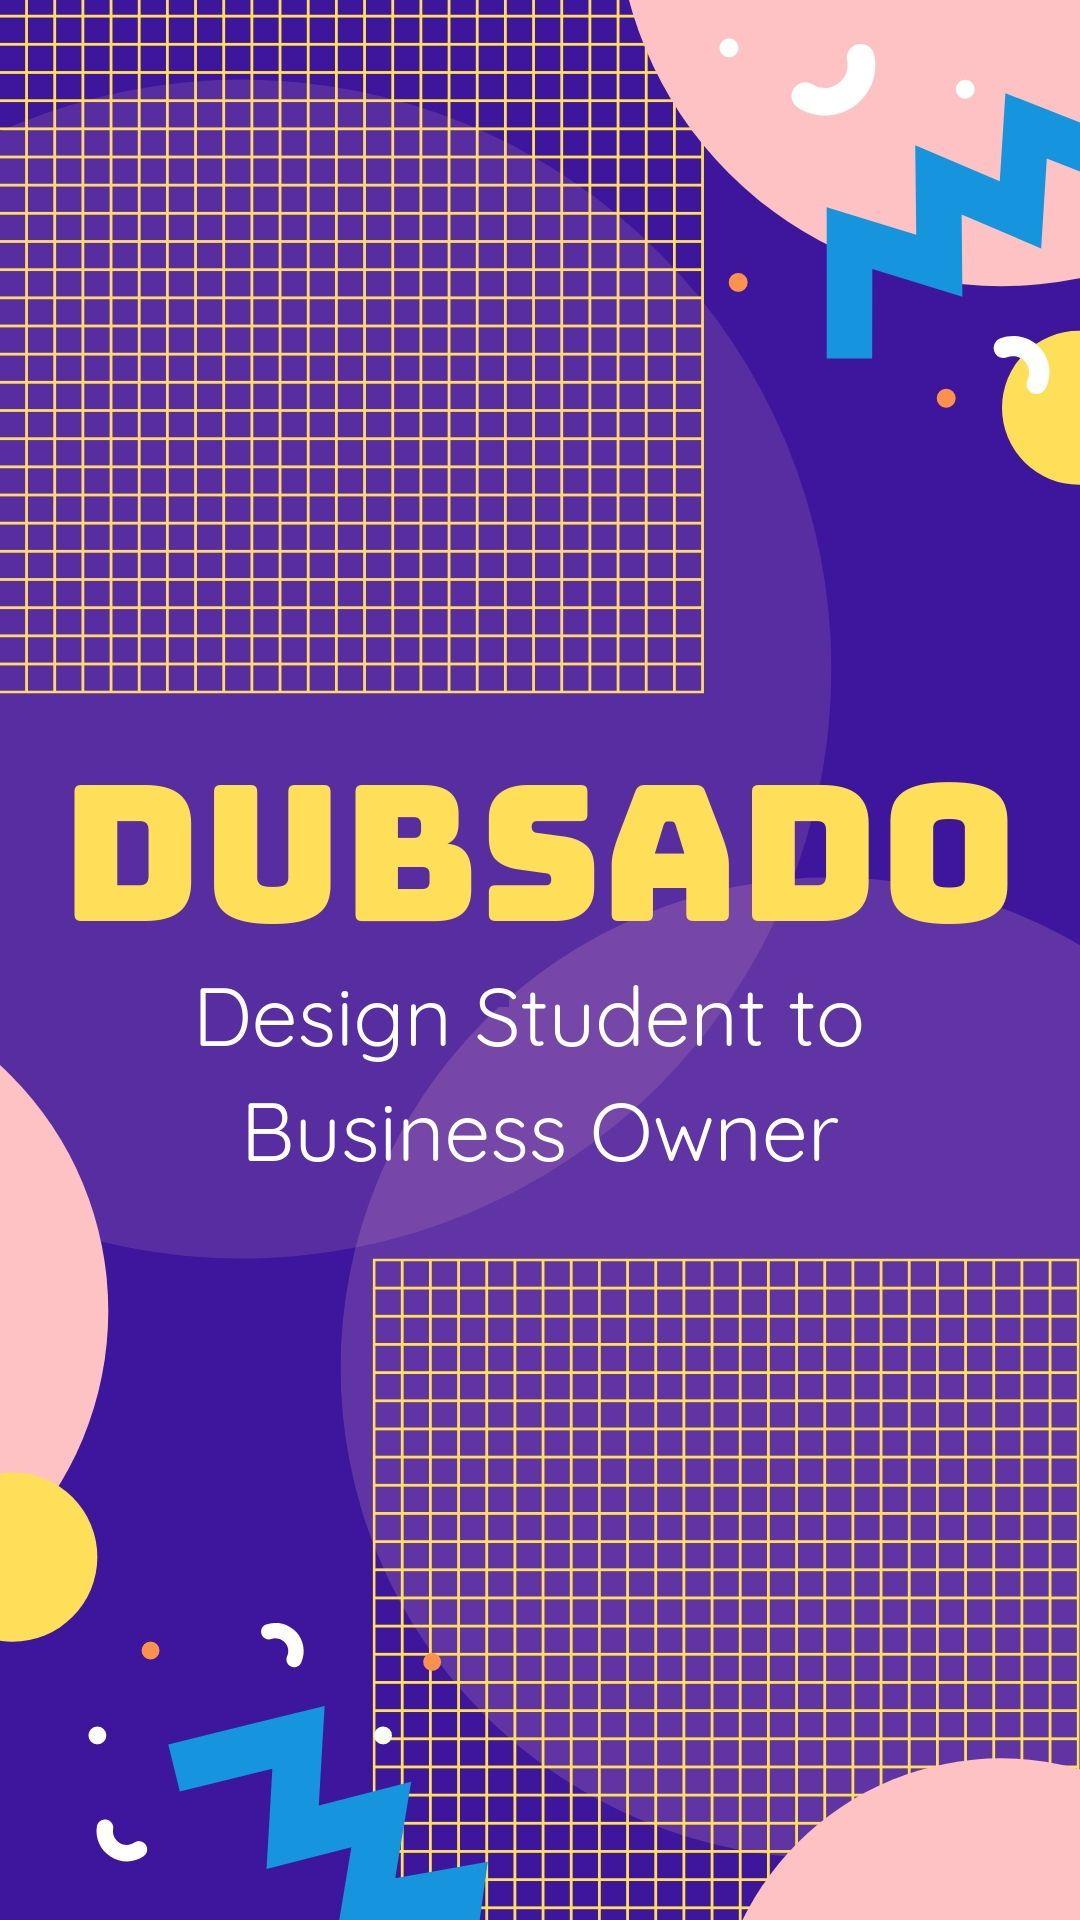 Dubsado Design Student to Business Owner Design